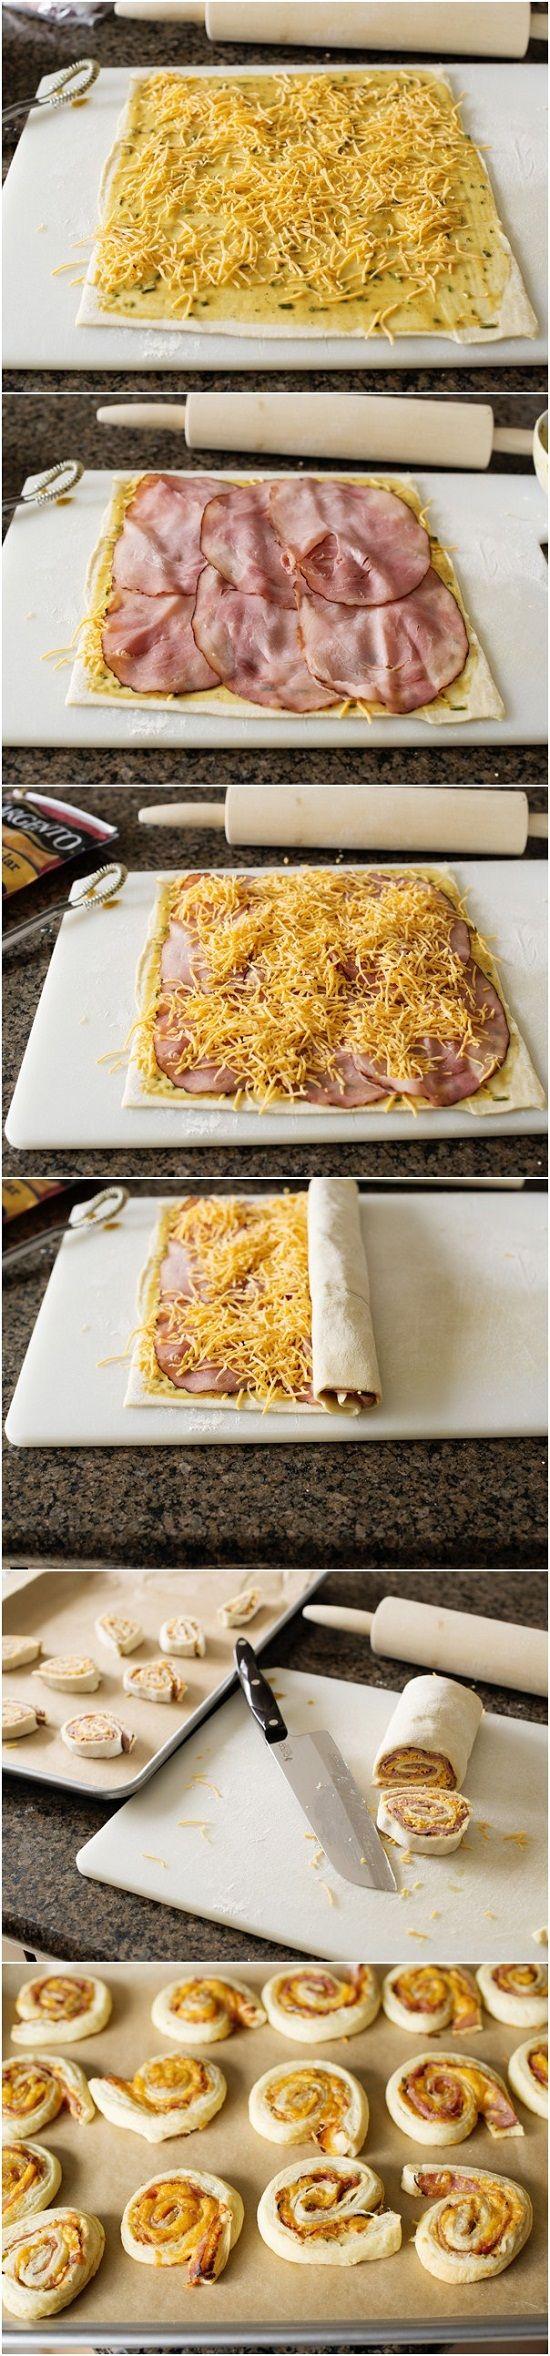 jamon y queso molinetes